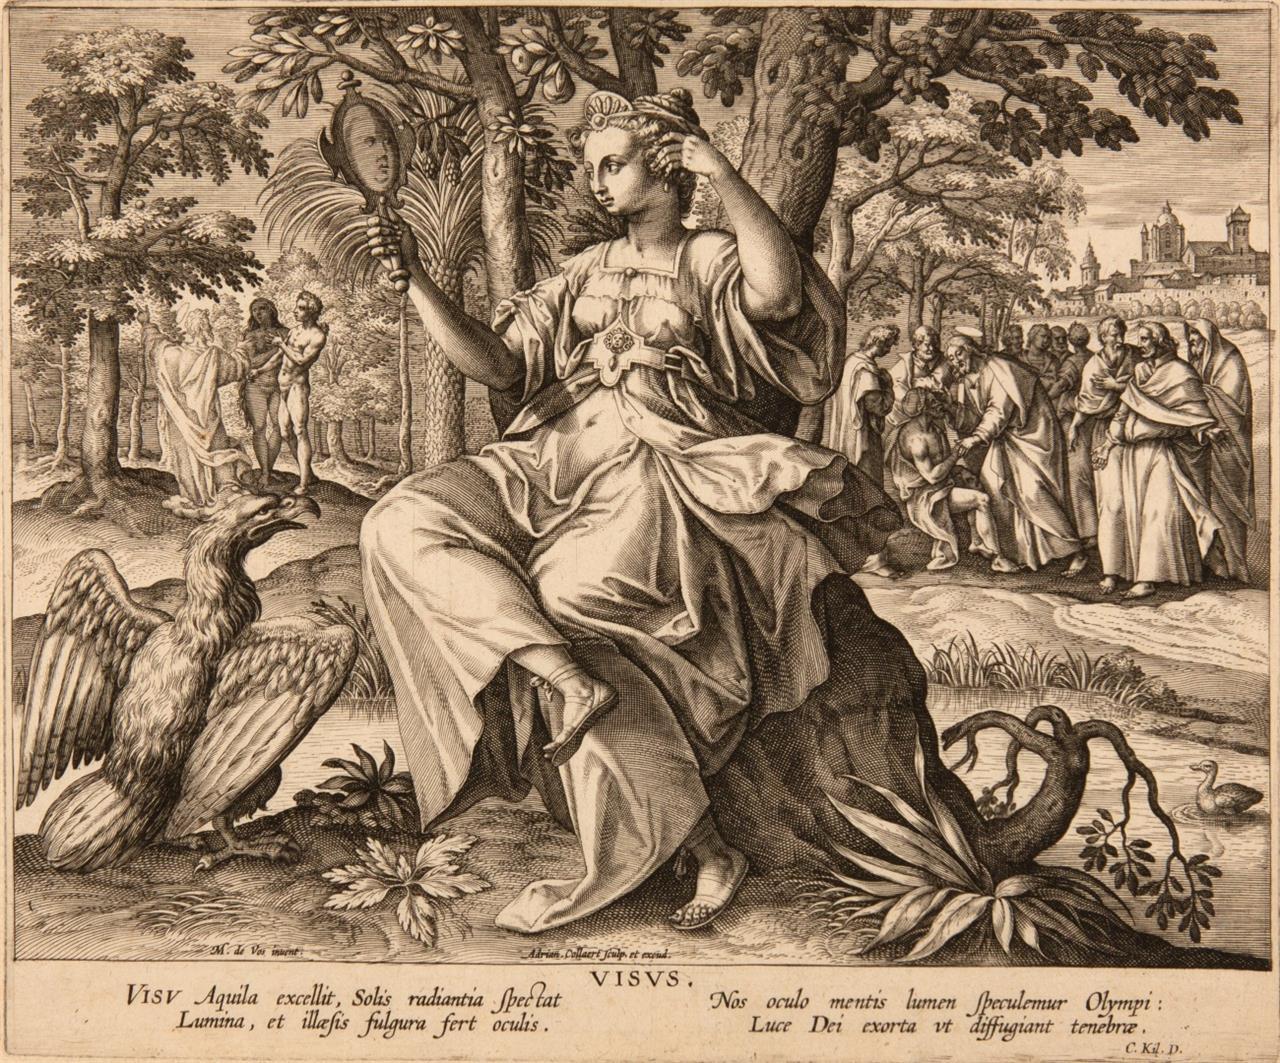 Adriaen Collaert nach M. de Vos. Visus. Kupferstich. NH 1368.